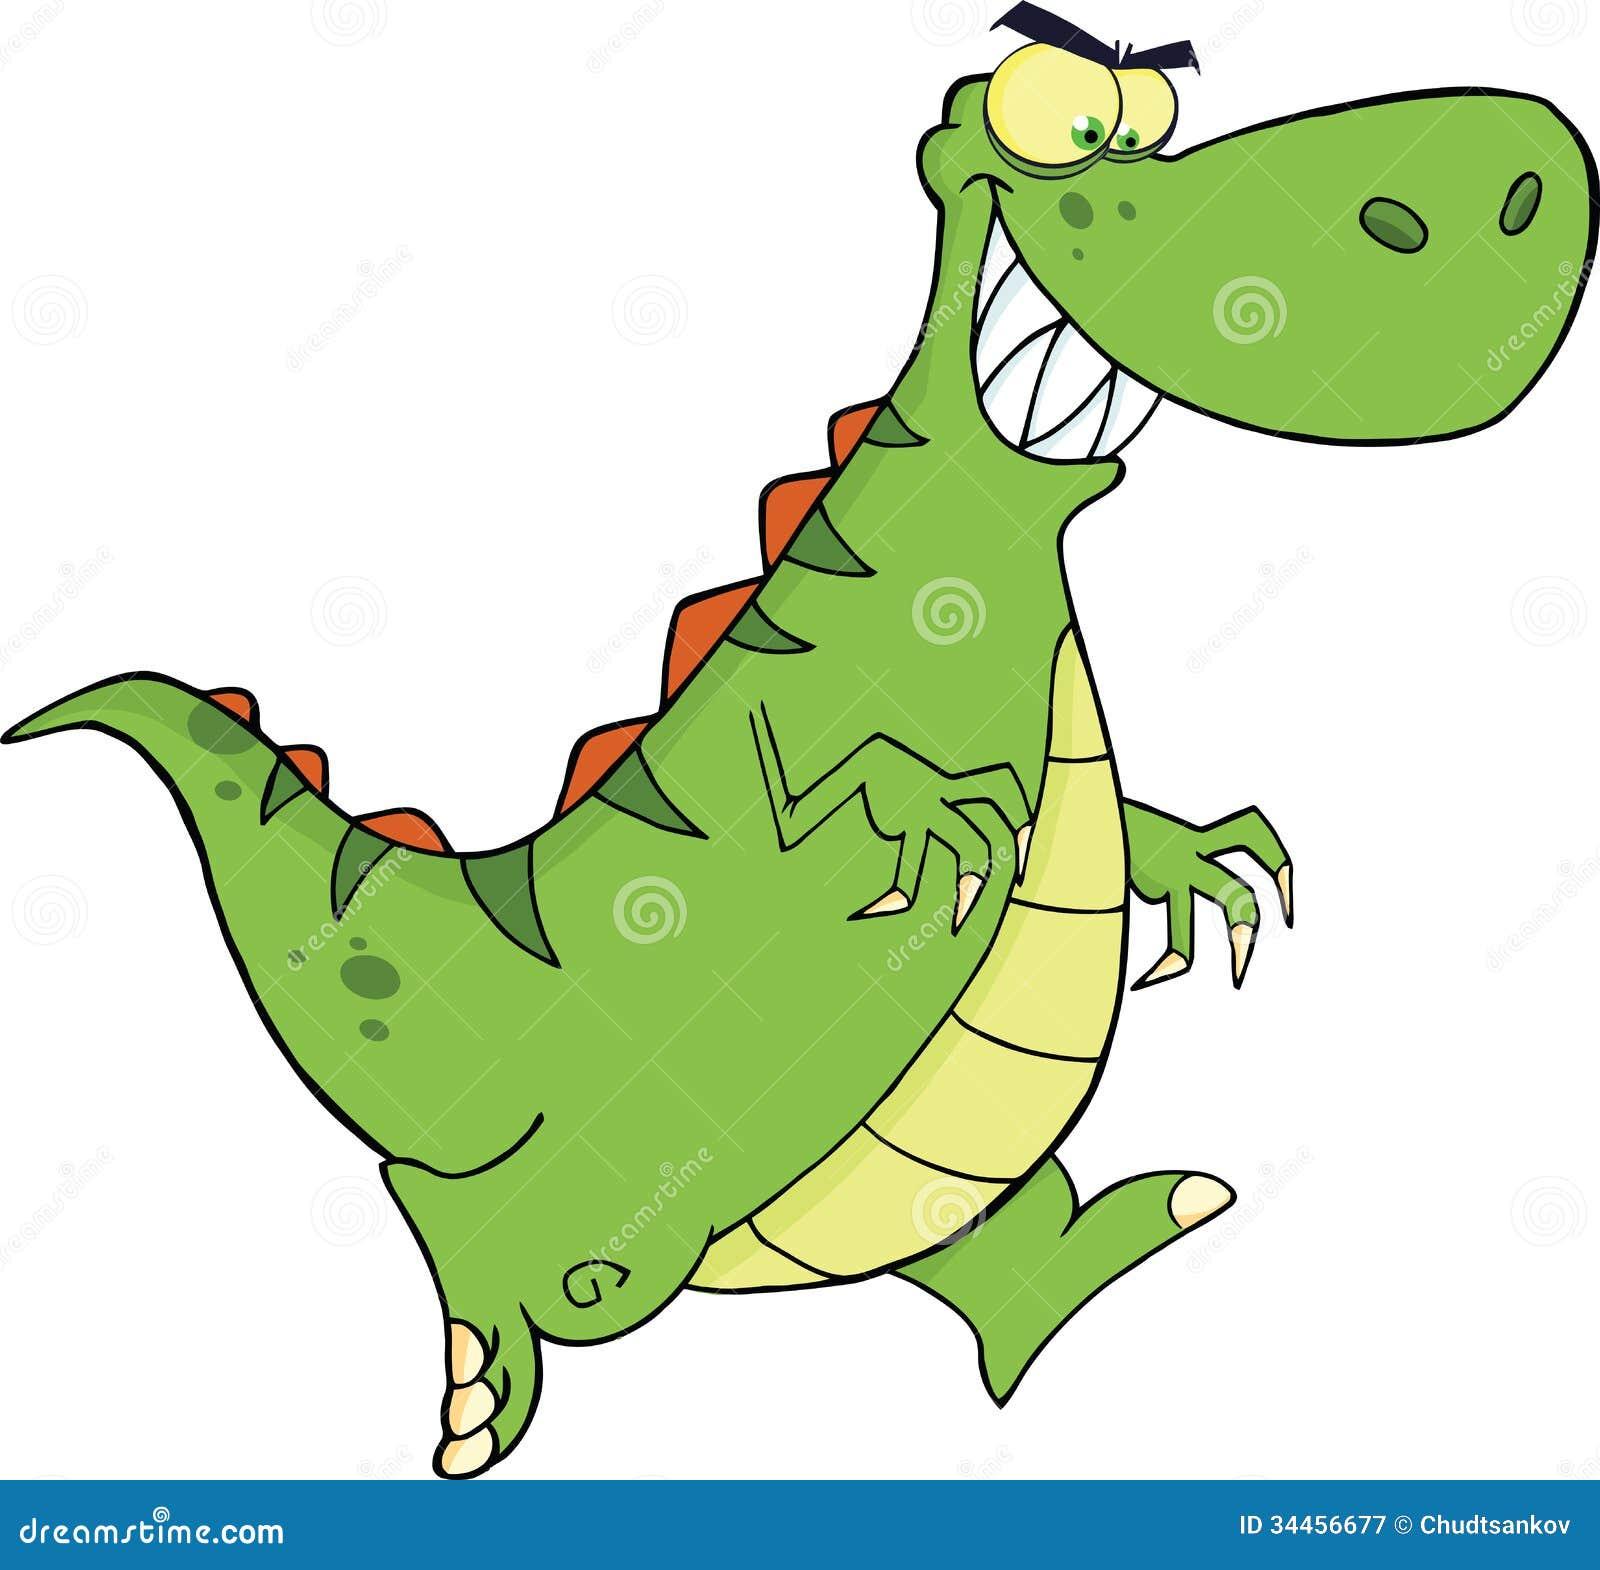 динозавры учат шахматам динозавры учат шахматам скачать